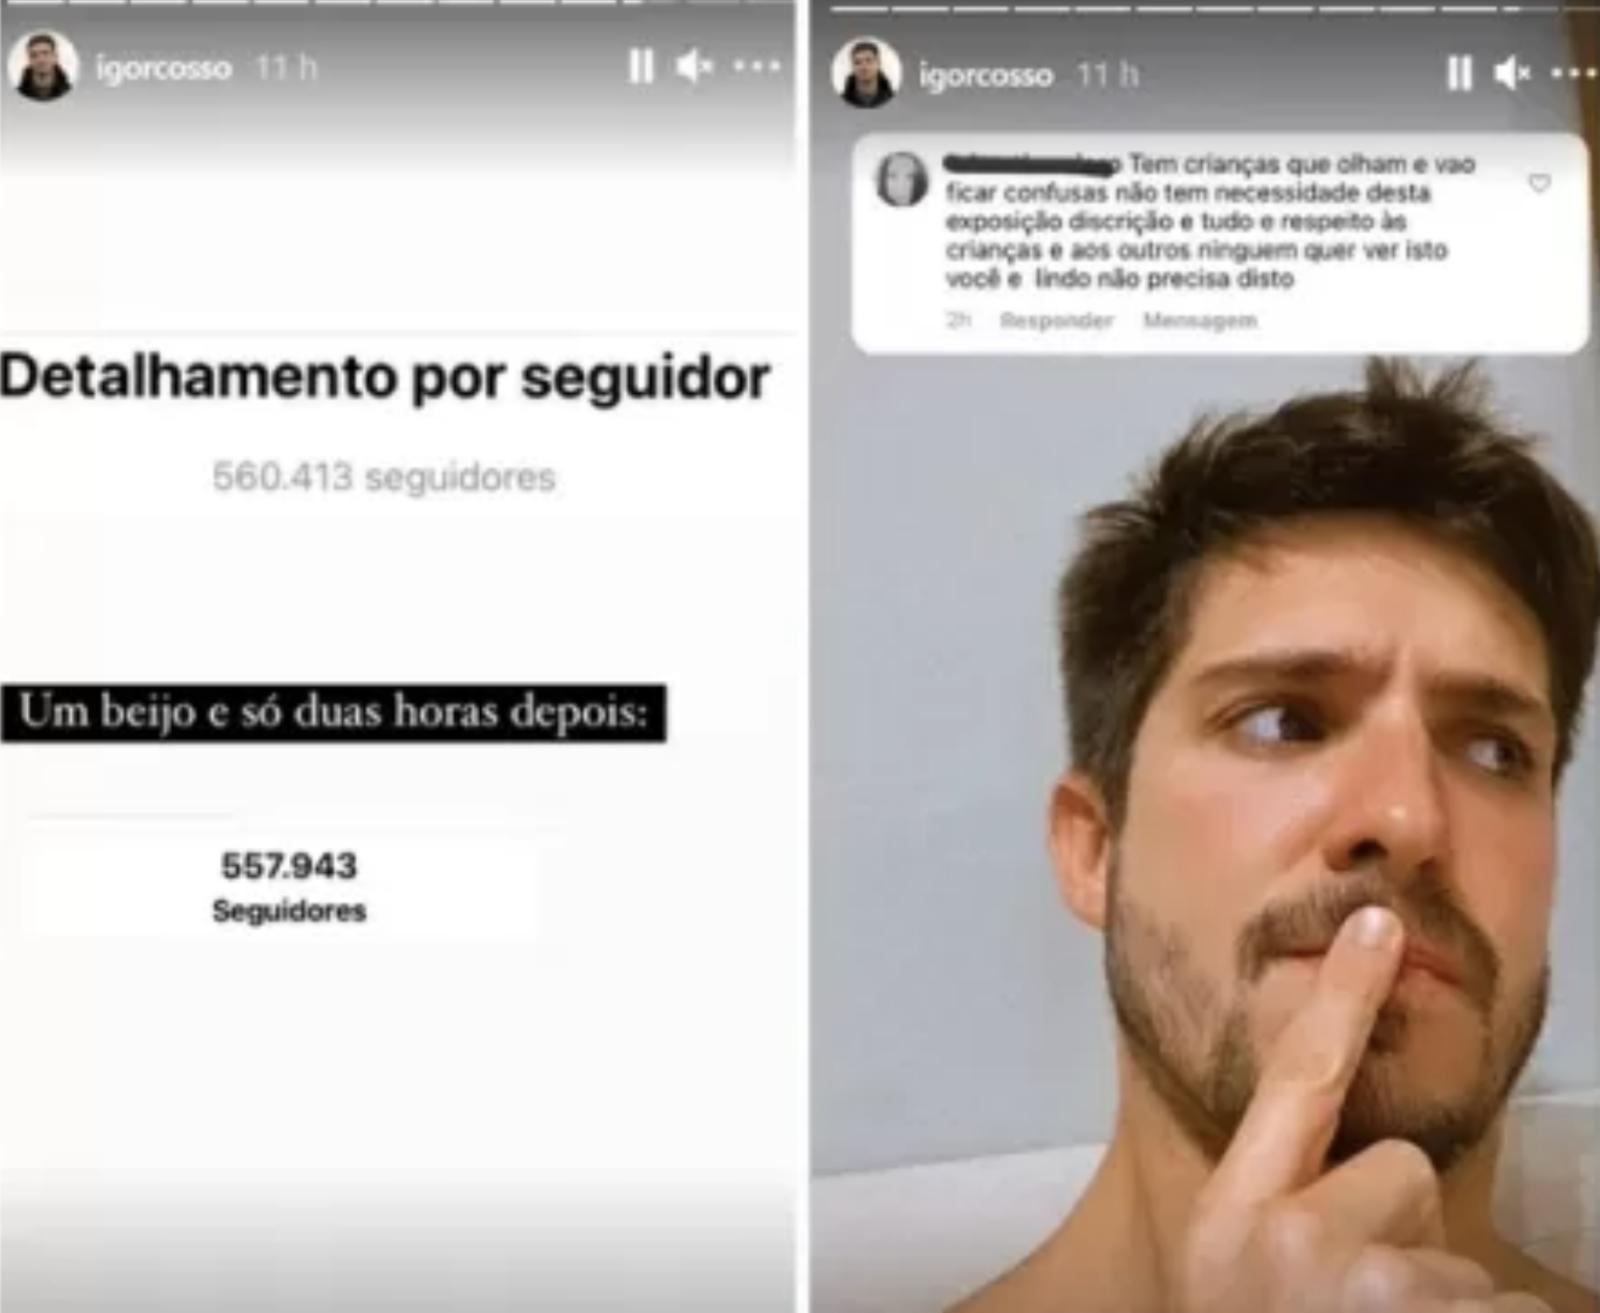 Igor Cosso fala sobre perda de seguidores. (Foto: Reprodução/Instagram)